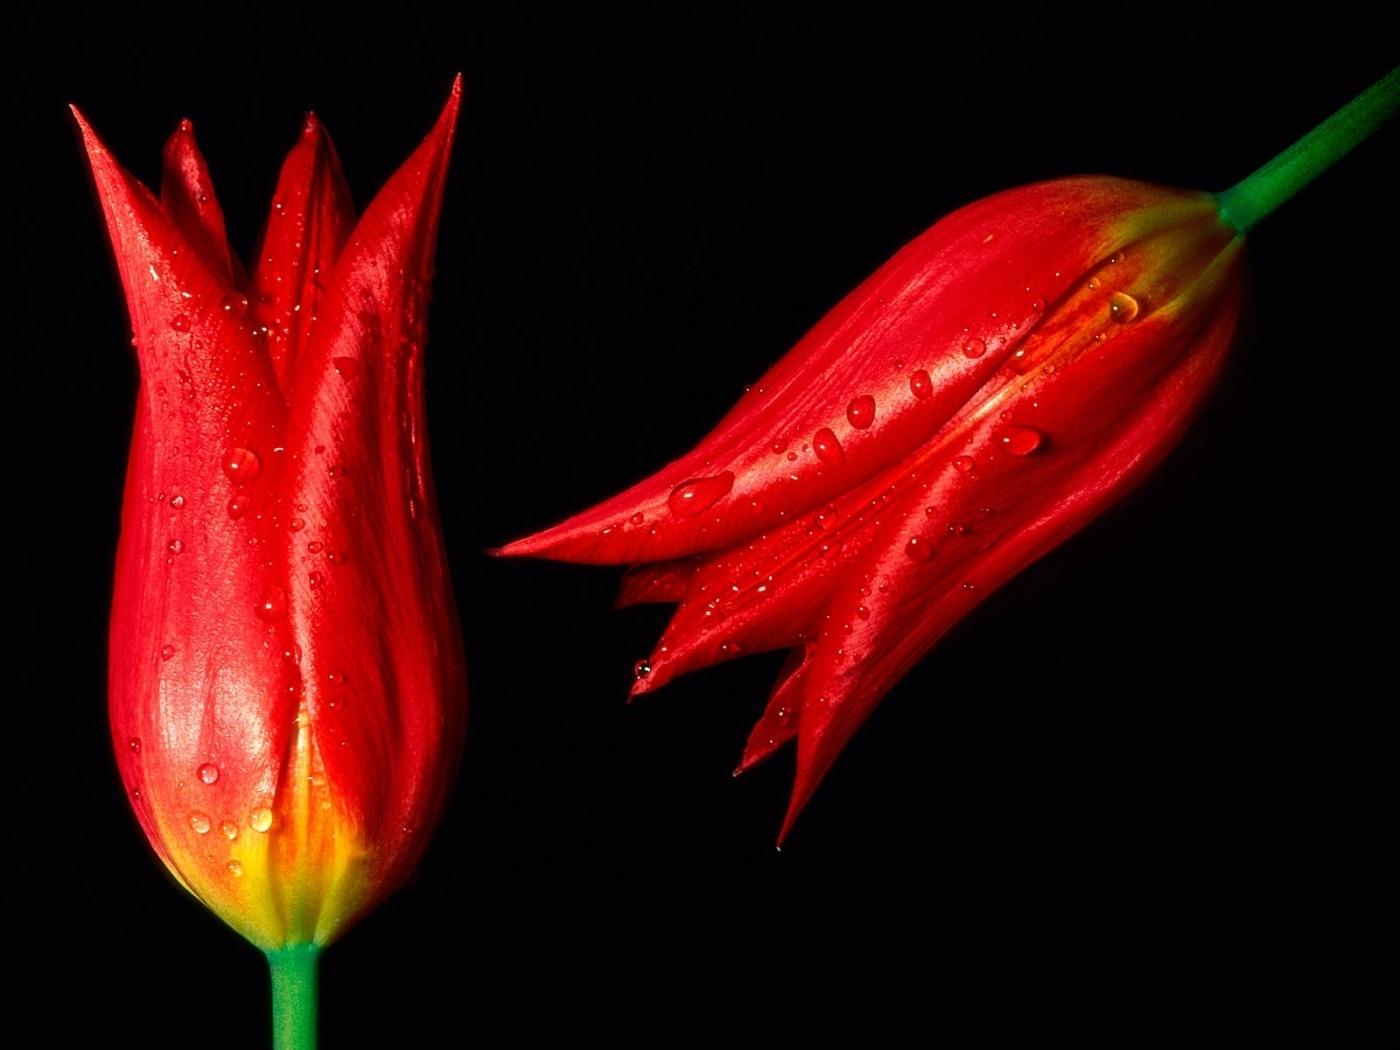 49555 скачать обои Растения, Цветы, Тюльпаны - заставки и картинки бесплатно